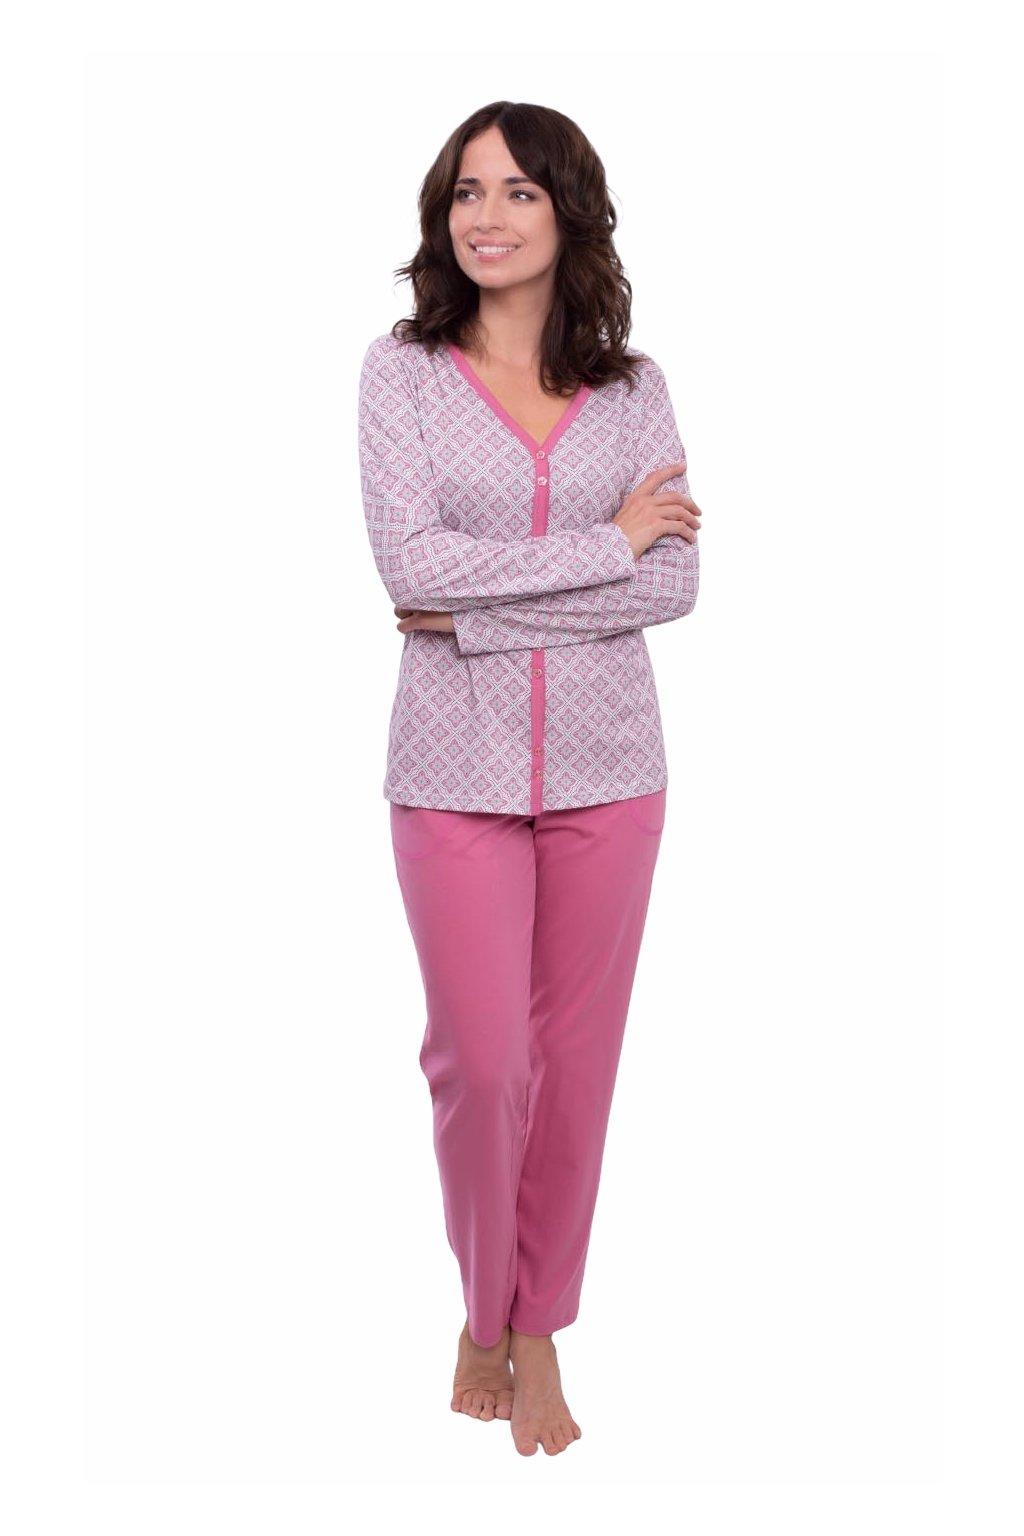 Dámské pyžamo s dlouhým rukávem, 104571 488, růžová